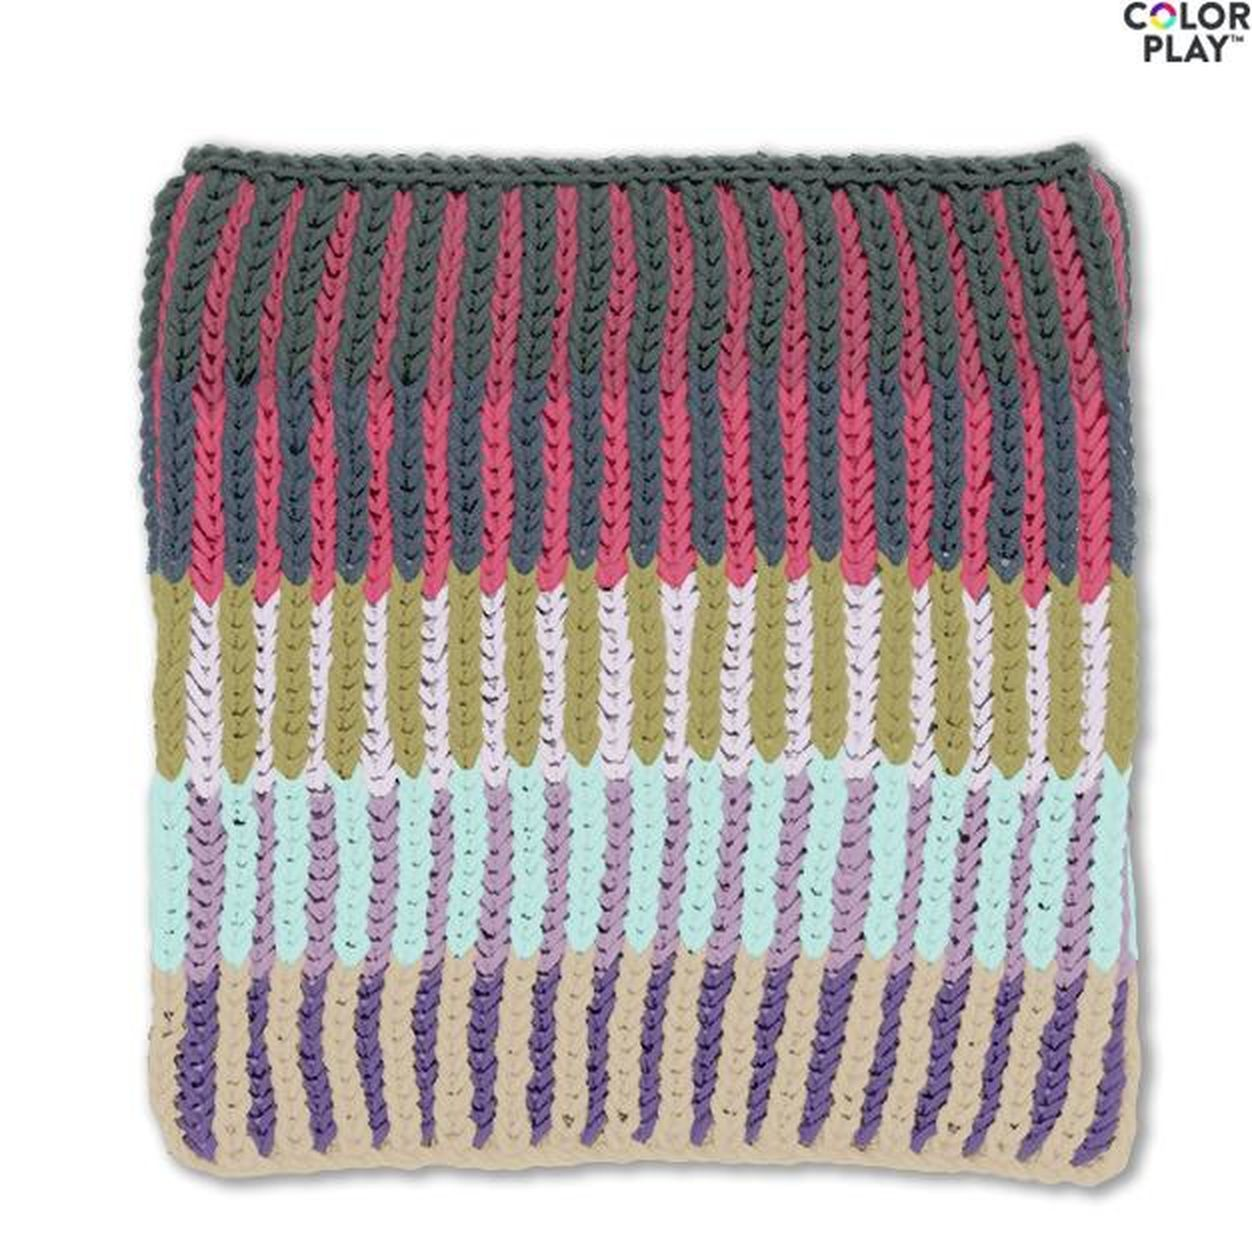 Caron x Pantone Brioche Knit Cowl | Knit cowl pattern free ...